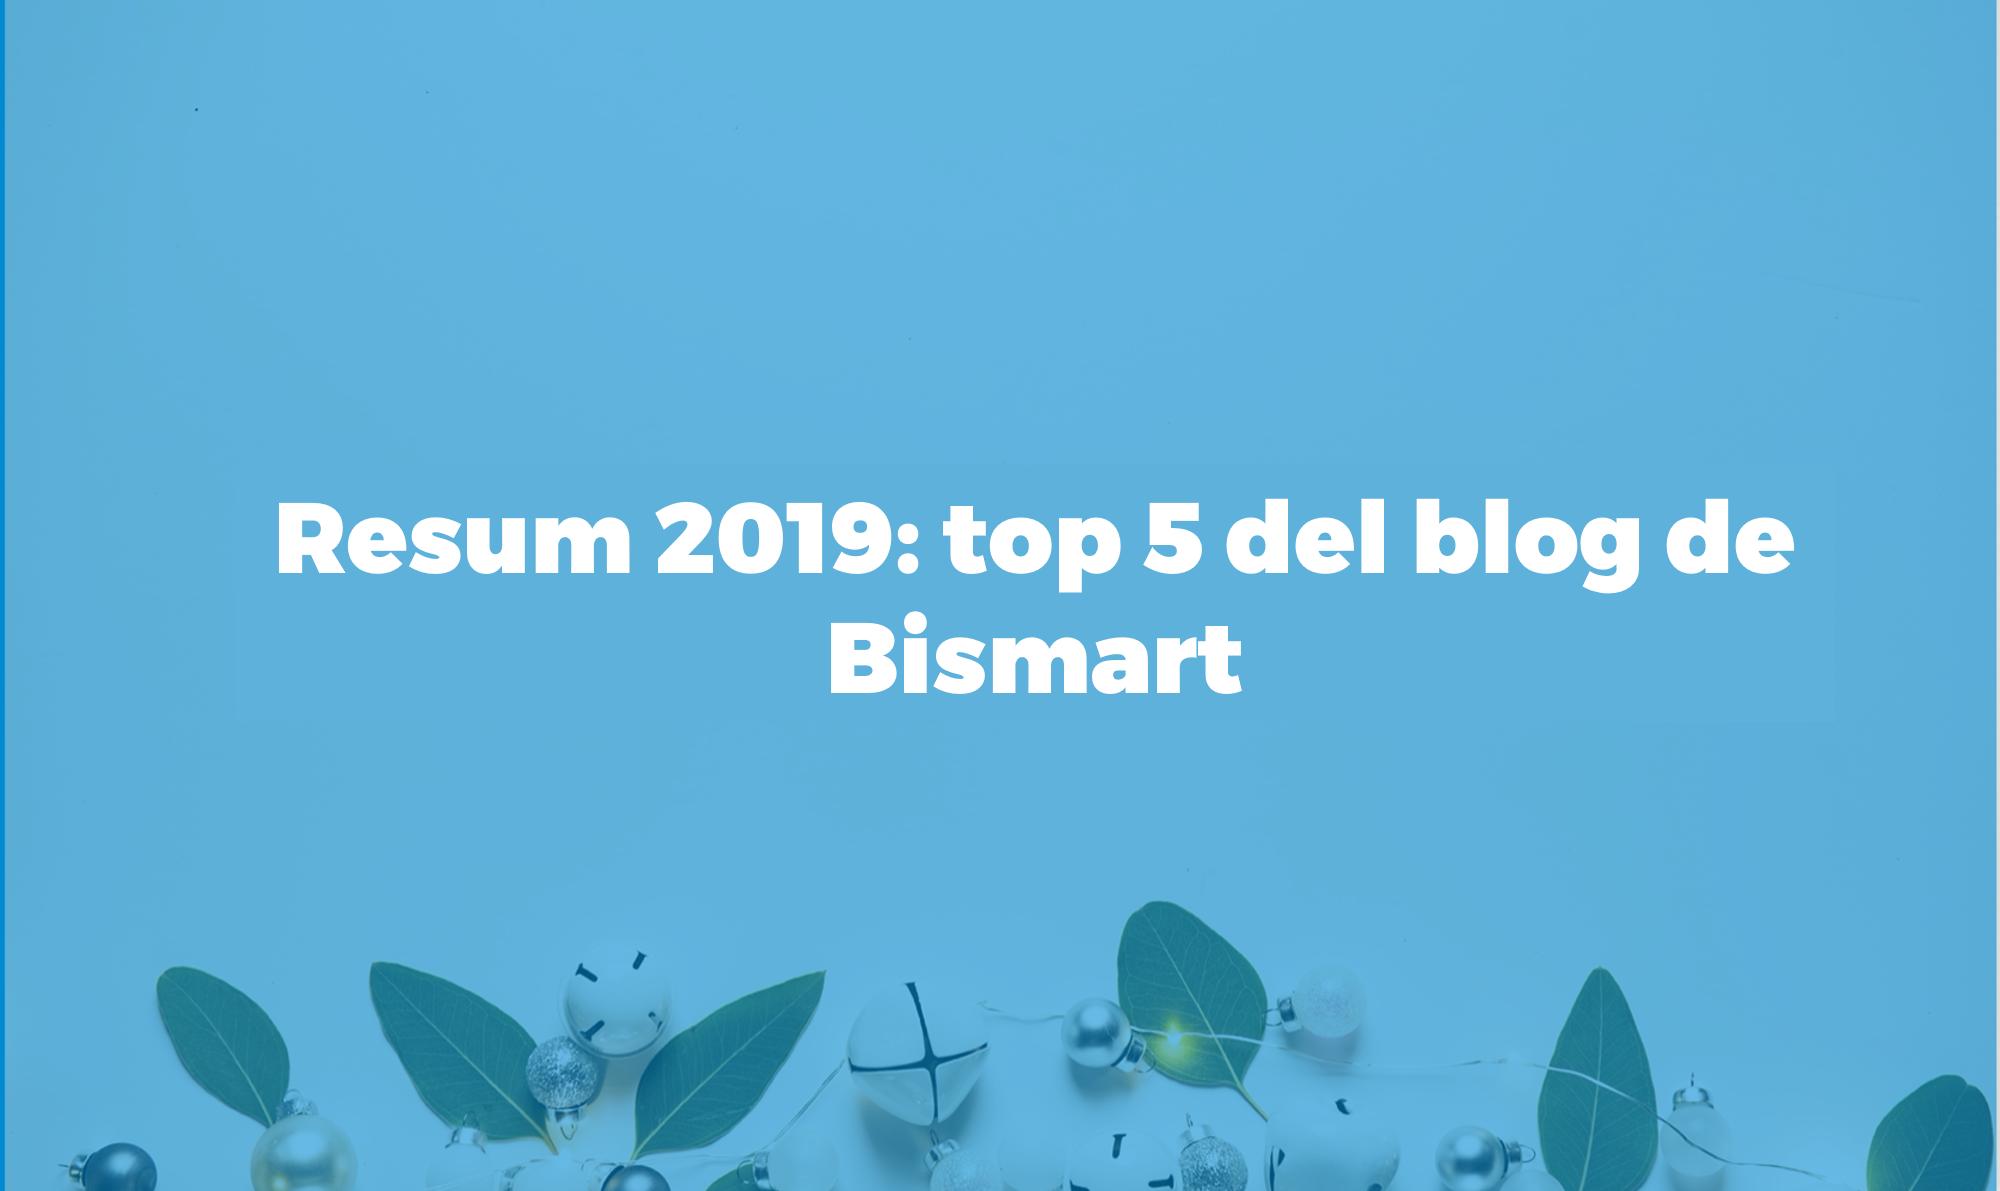 Resum 2019 blog de bismart